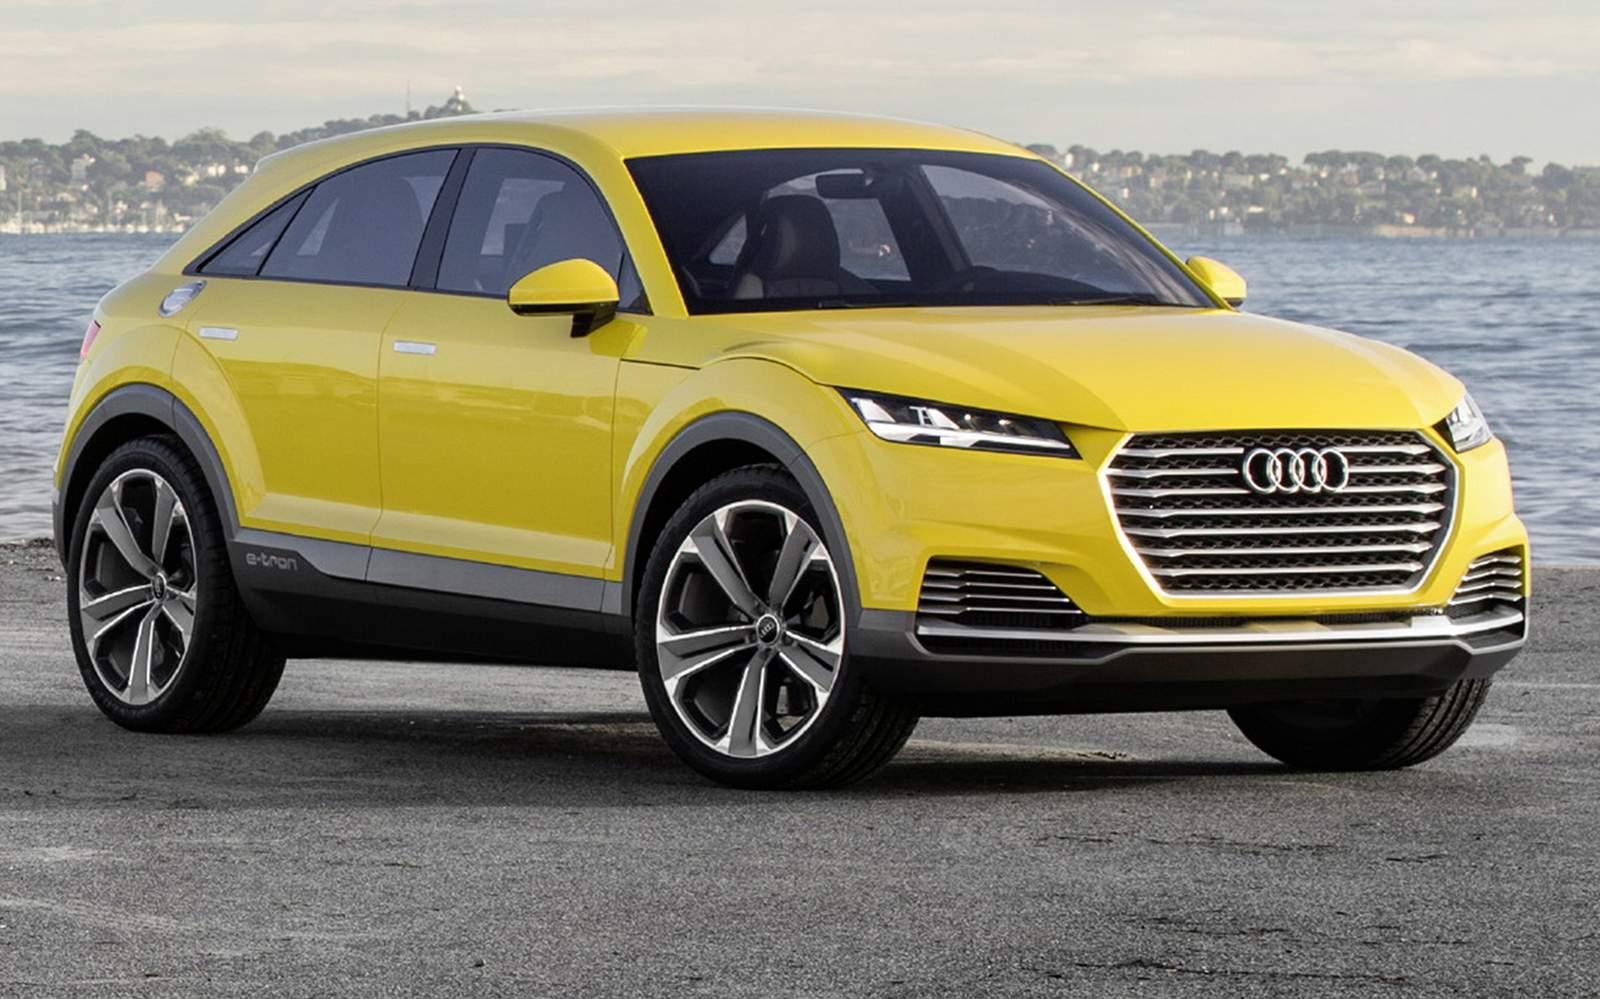 Audi Q3 Ou Q5 >> Audi adotará nome Q1 e TTQ em seus novos SUV depois de Fiat Chrysler negar permissão para usar ...